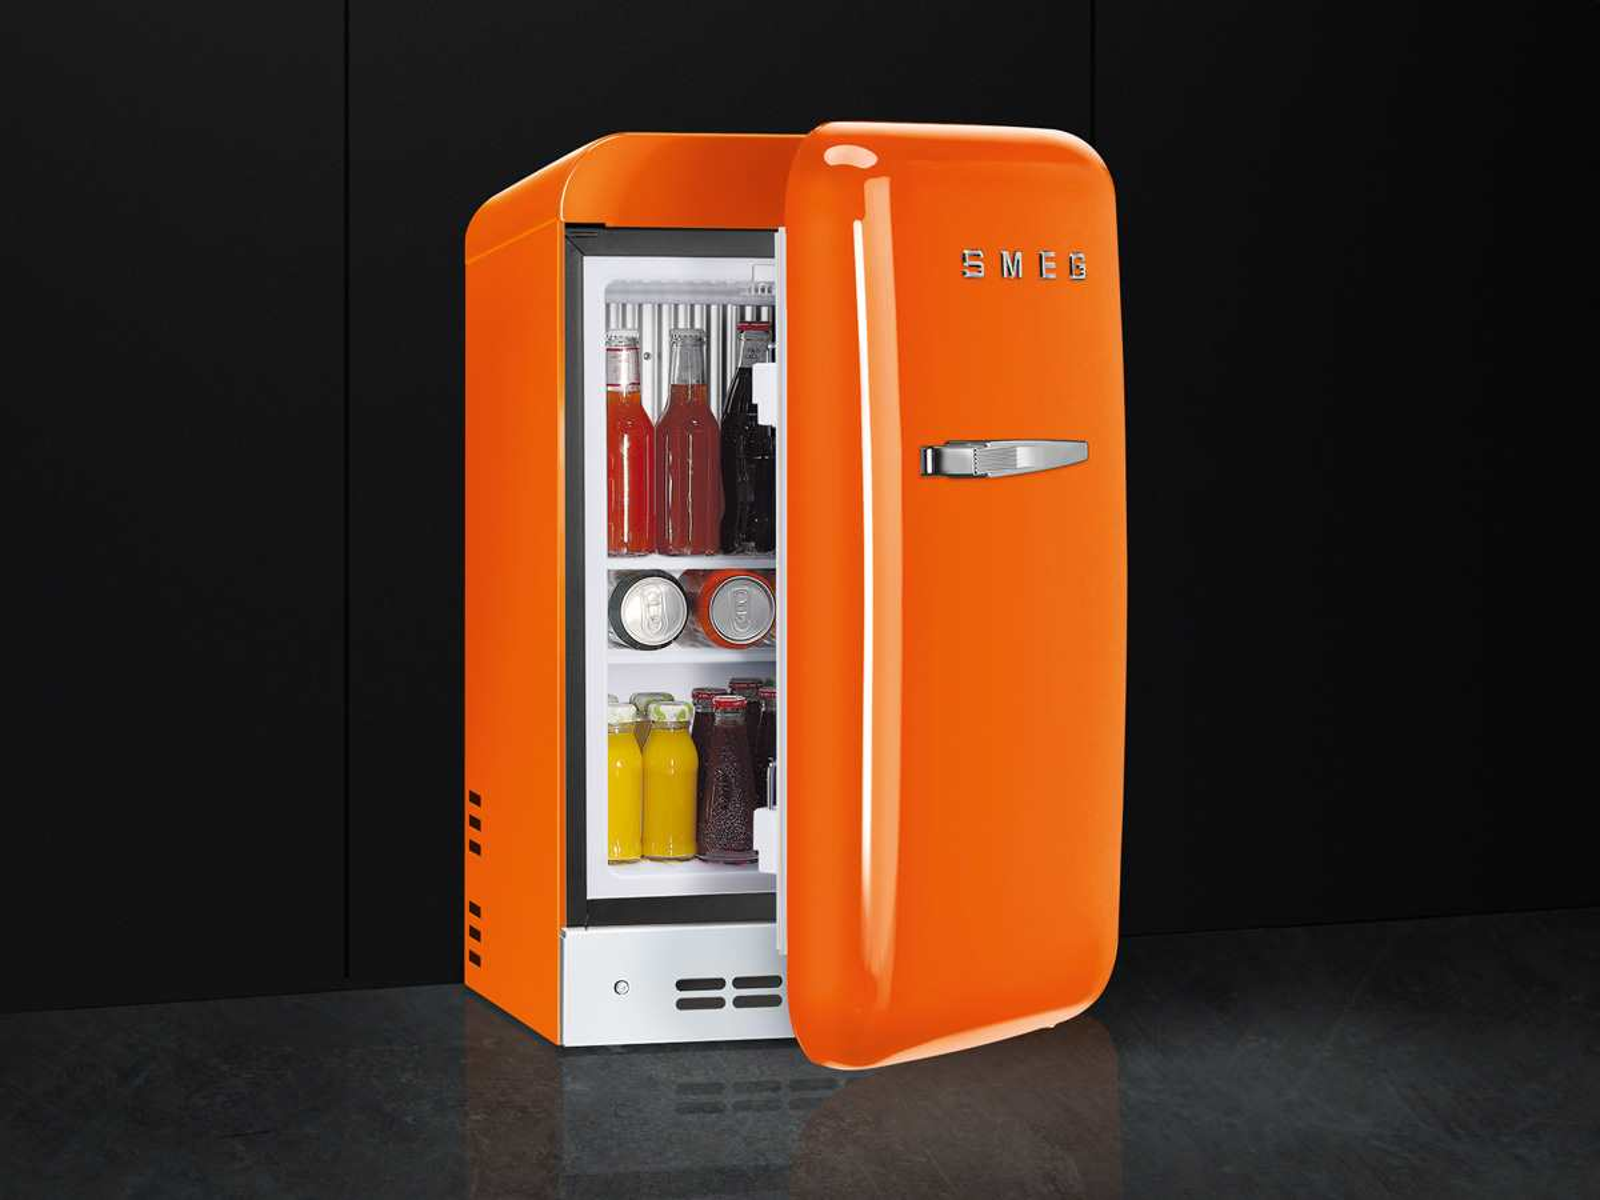 Smeg Kühlschrank Vw : Smeg kühlschrank macht geräusche smeg fab rcr standkühlschrank